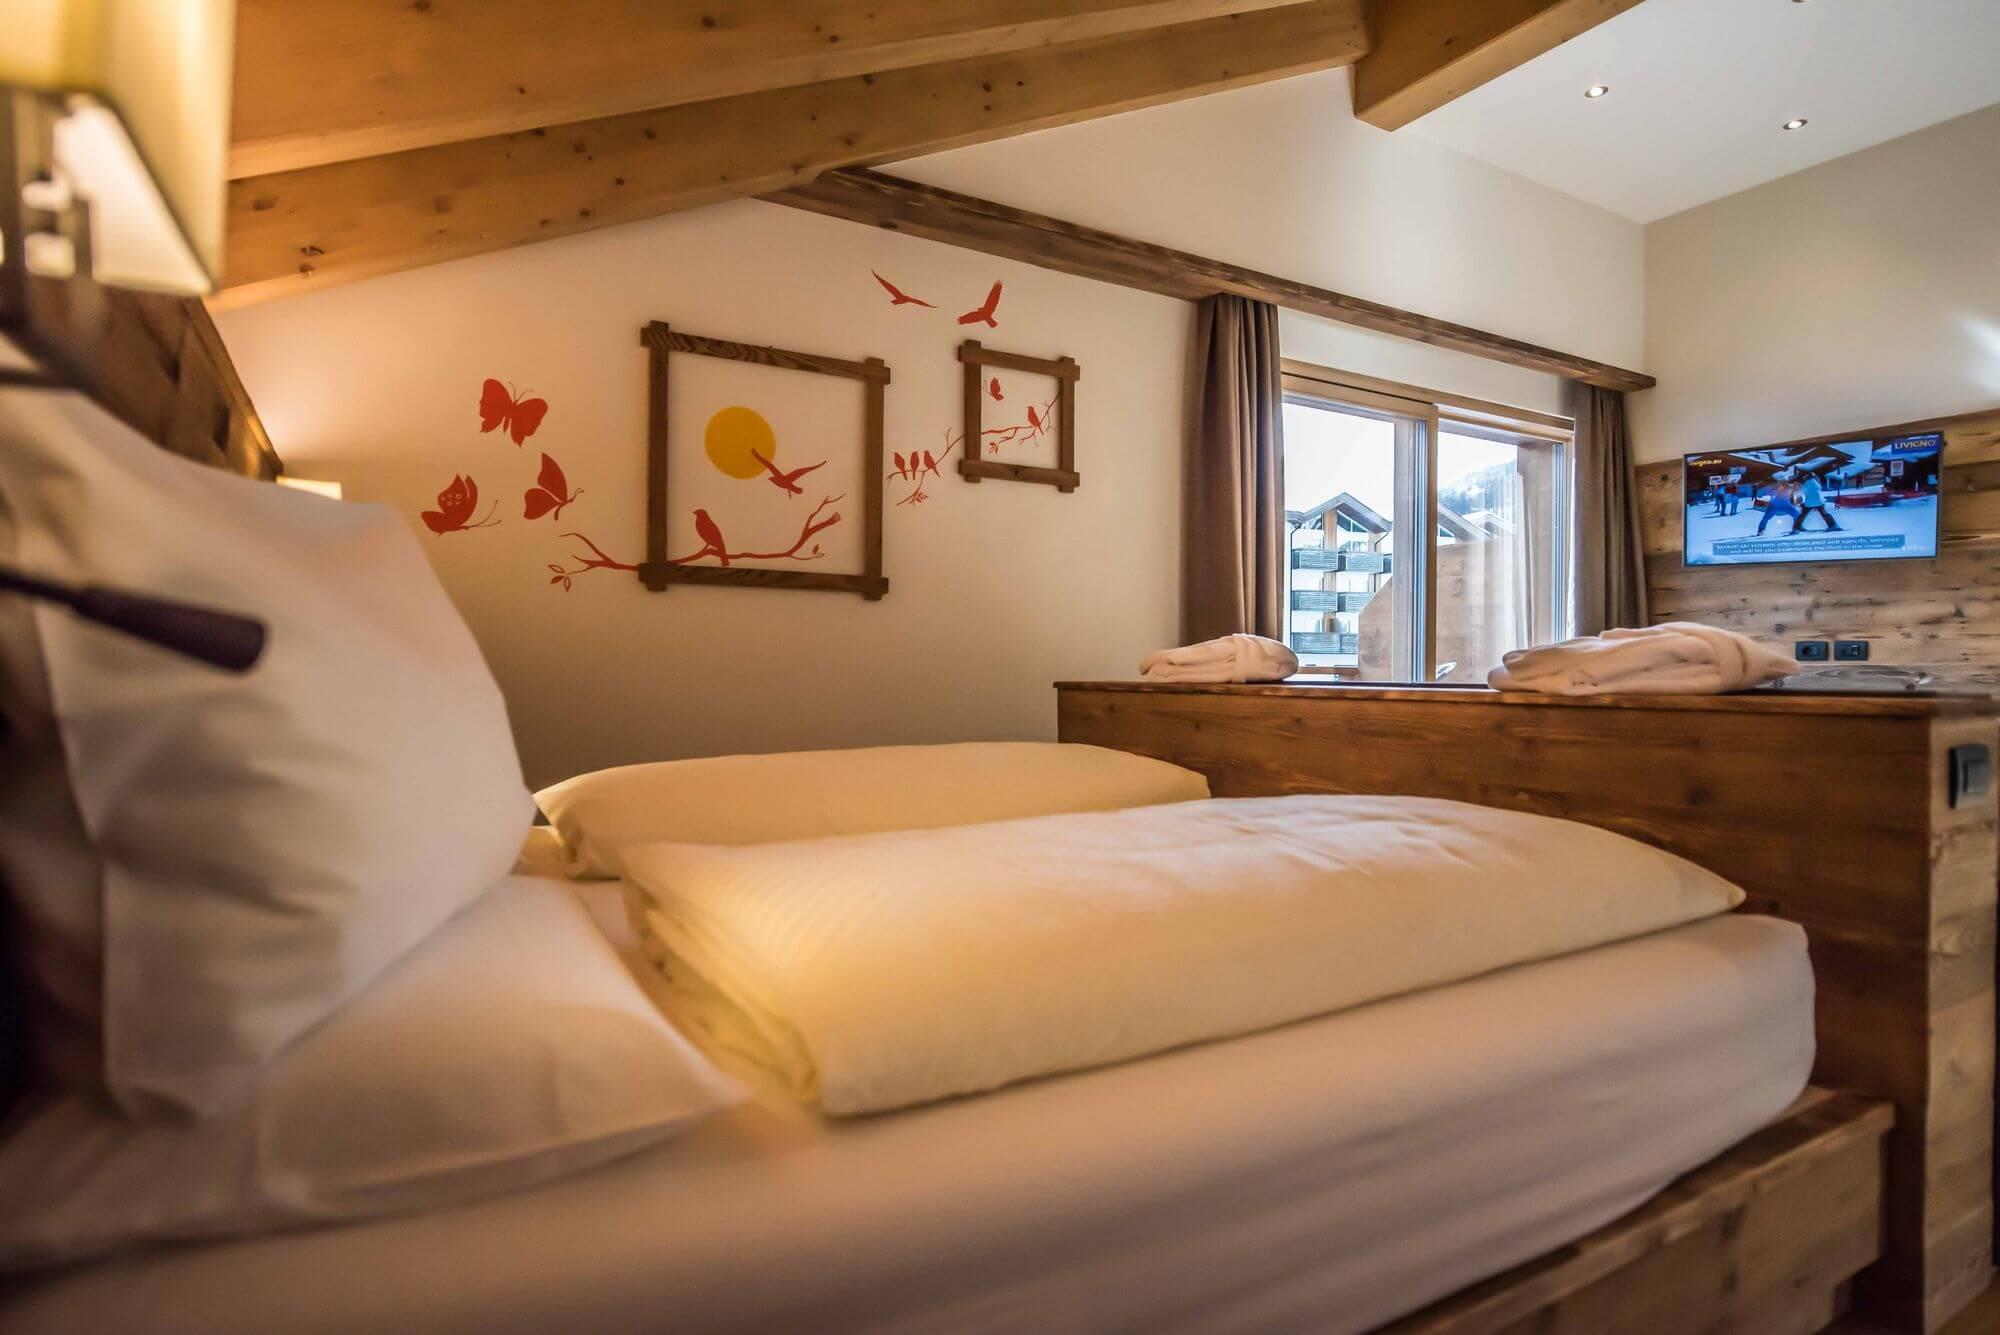 Decorazioni alle pareti nella suite: Hotel Le Alpi